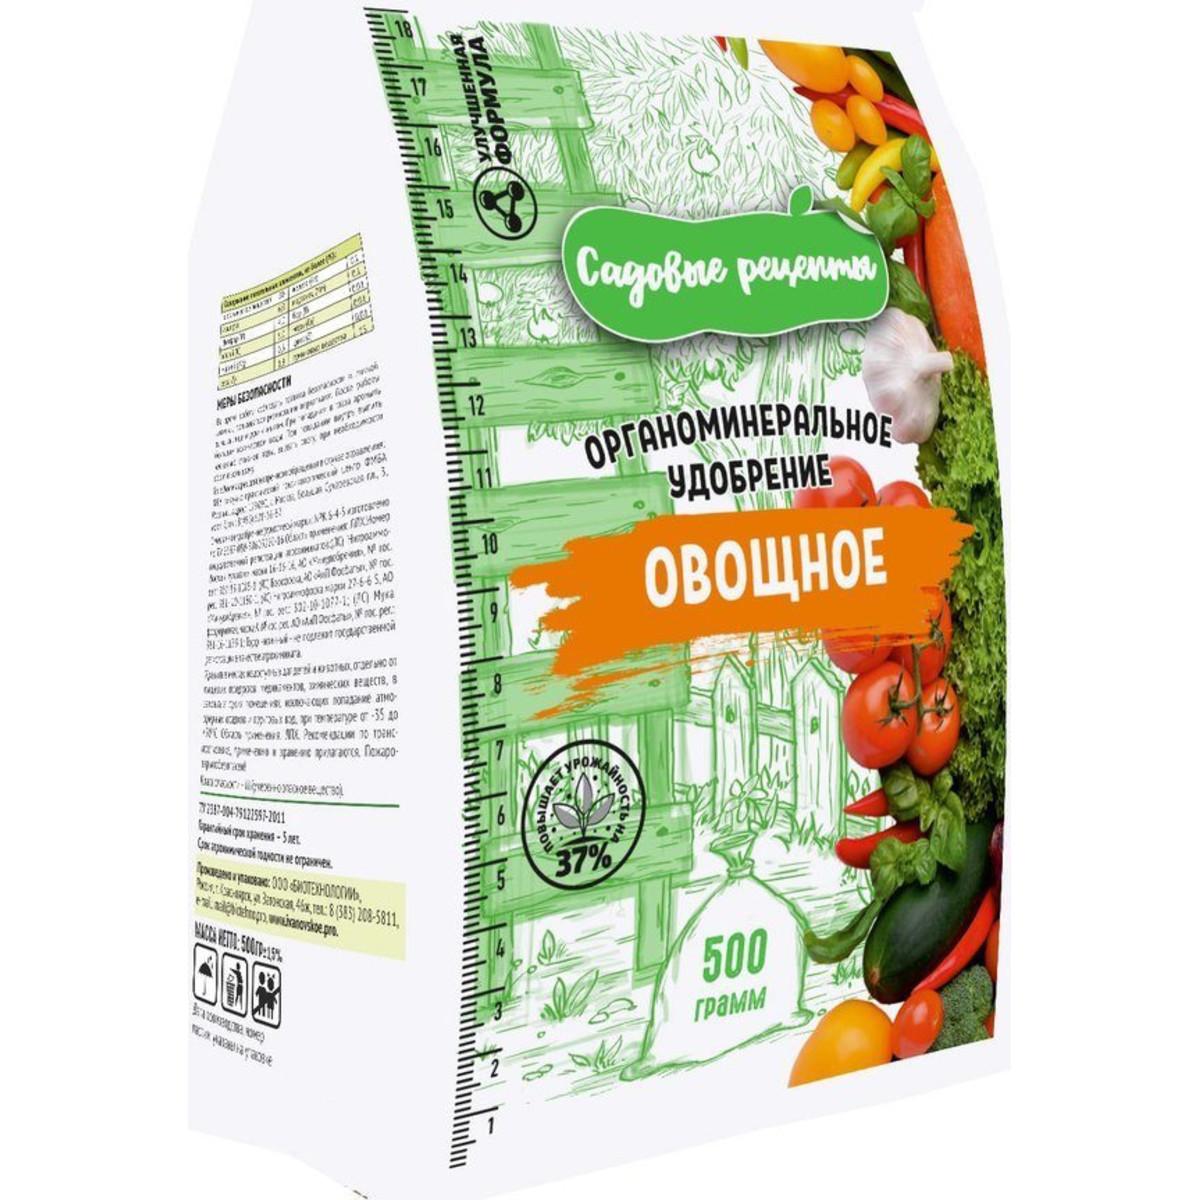 Органоминеральное Удобрение Садовые Рецепты Овощное 500 Г